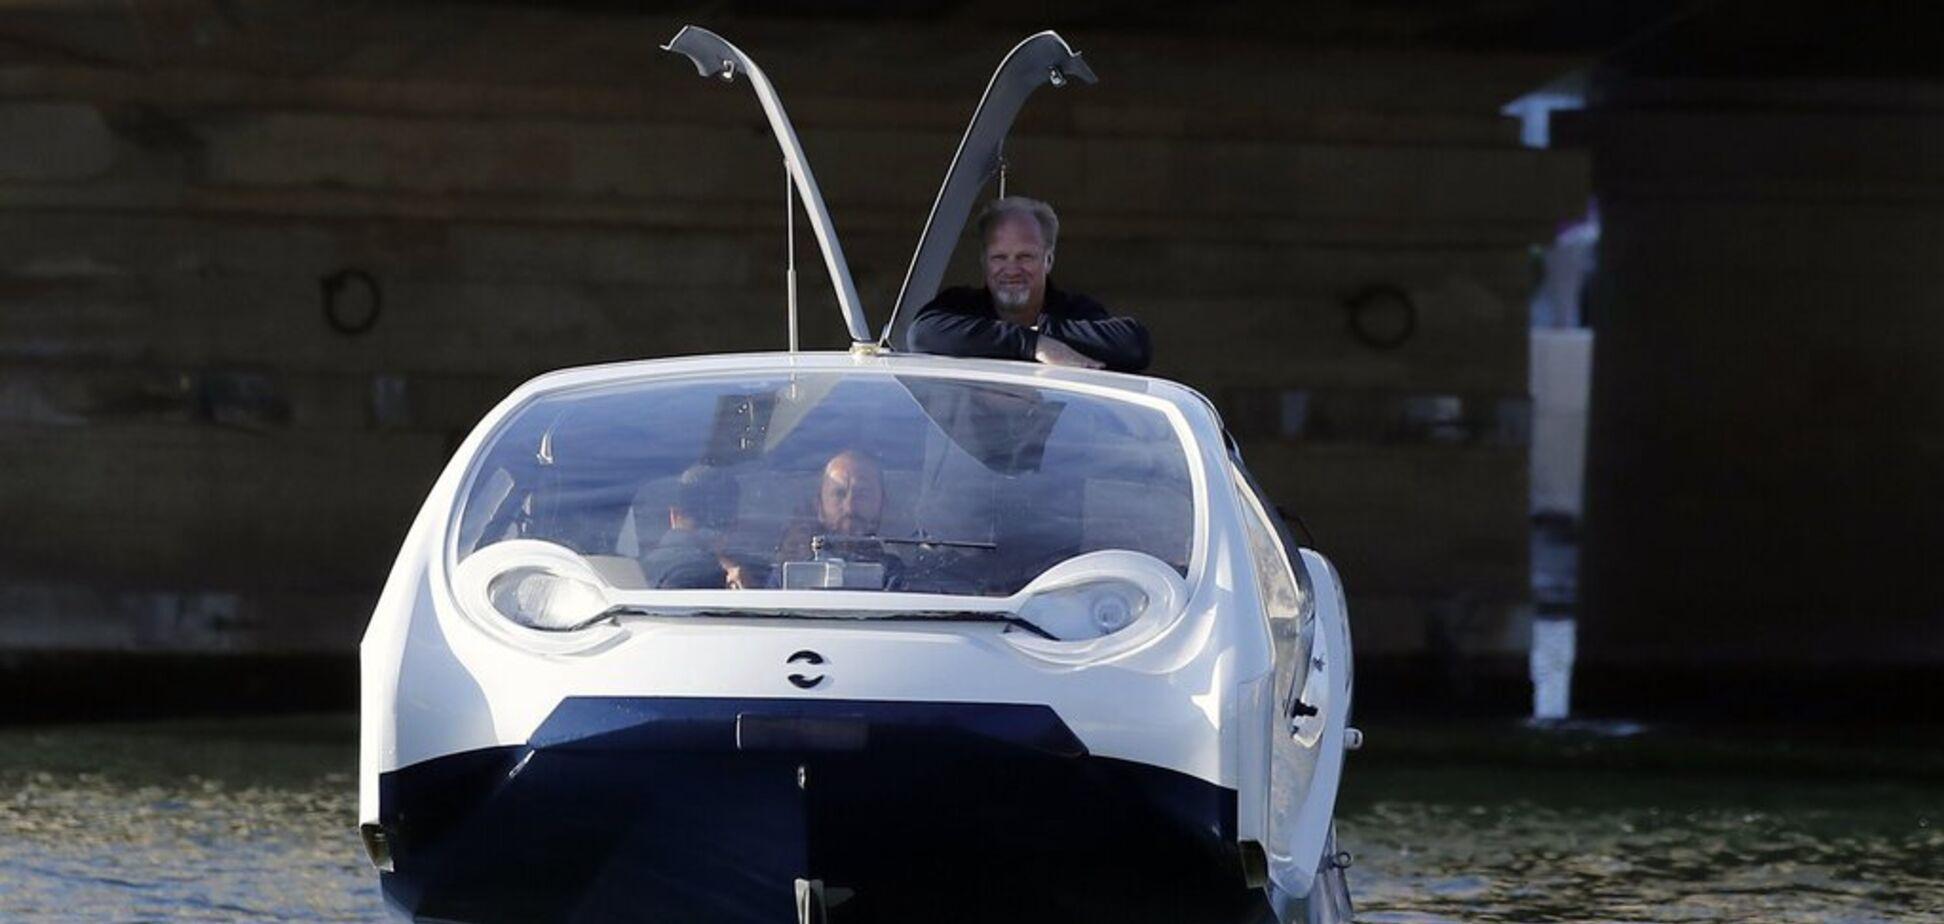 В Париже провели испытание 'летающего' электро такси